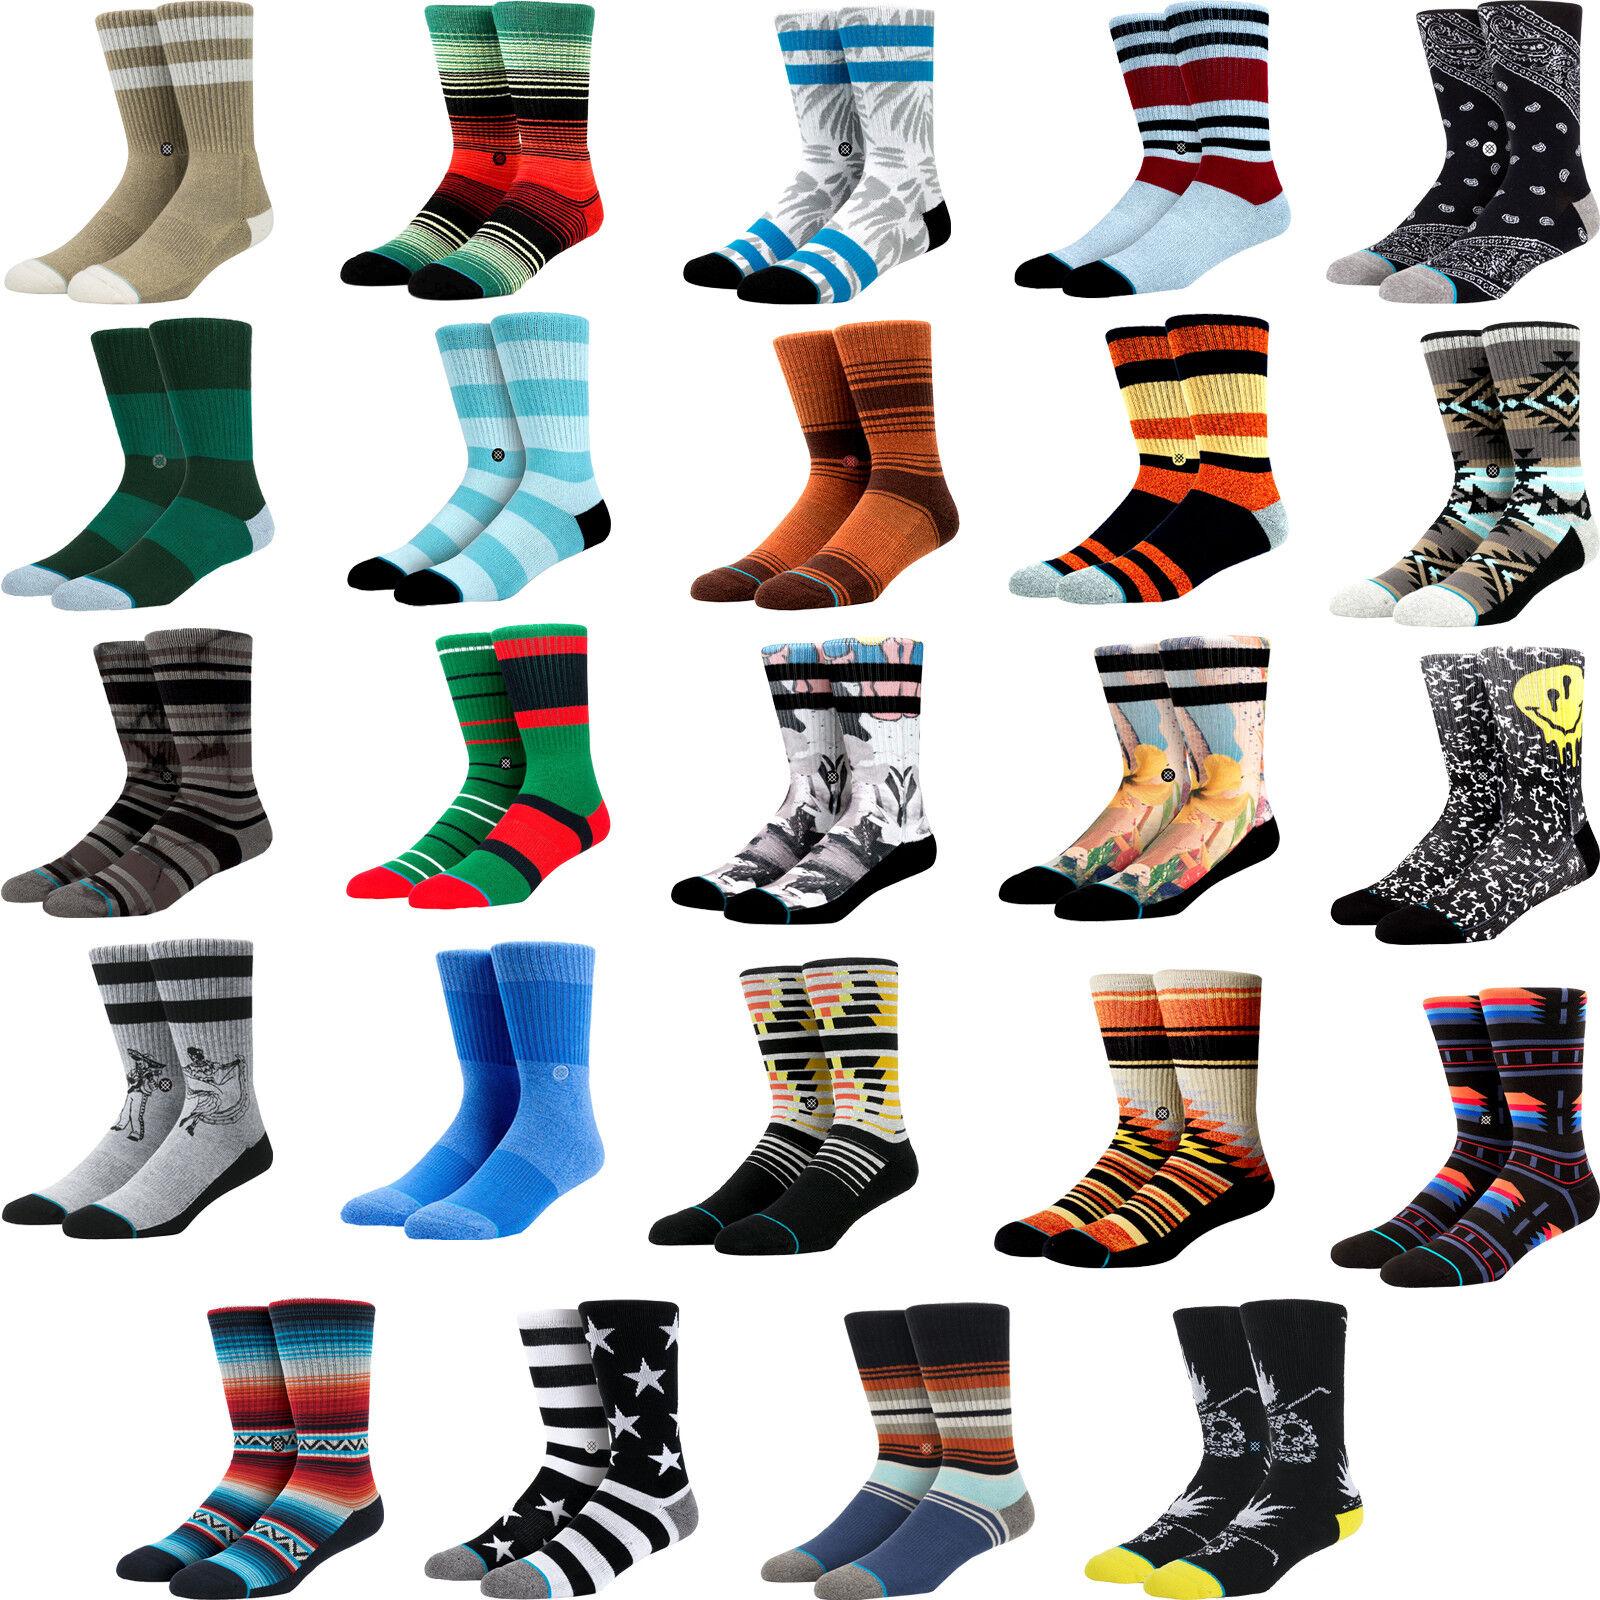 MEN'S STANCE ATHLETIC SOCKS SIZE LARGE (9-12)